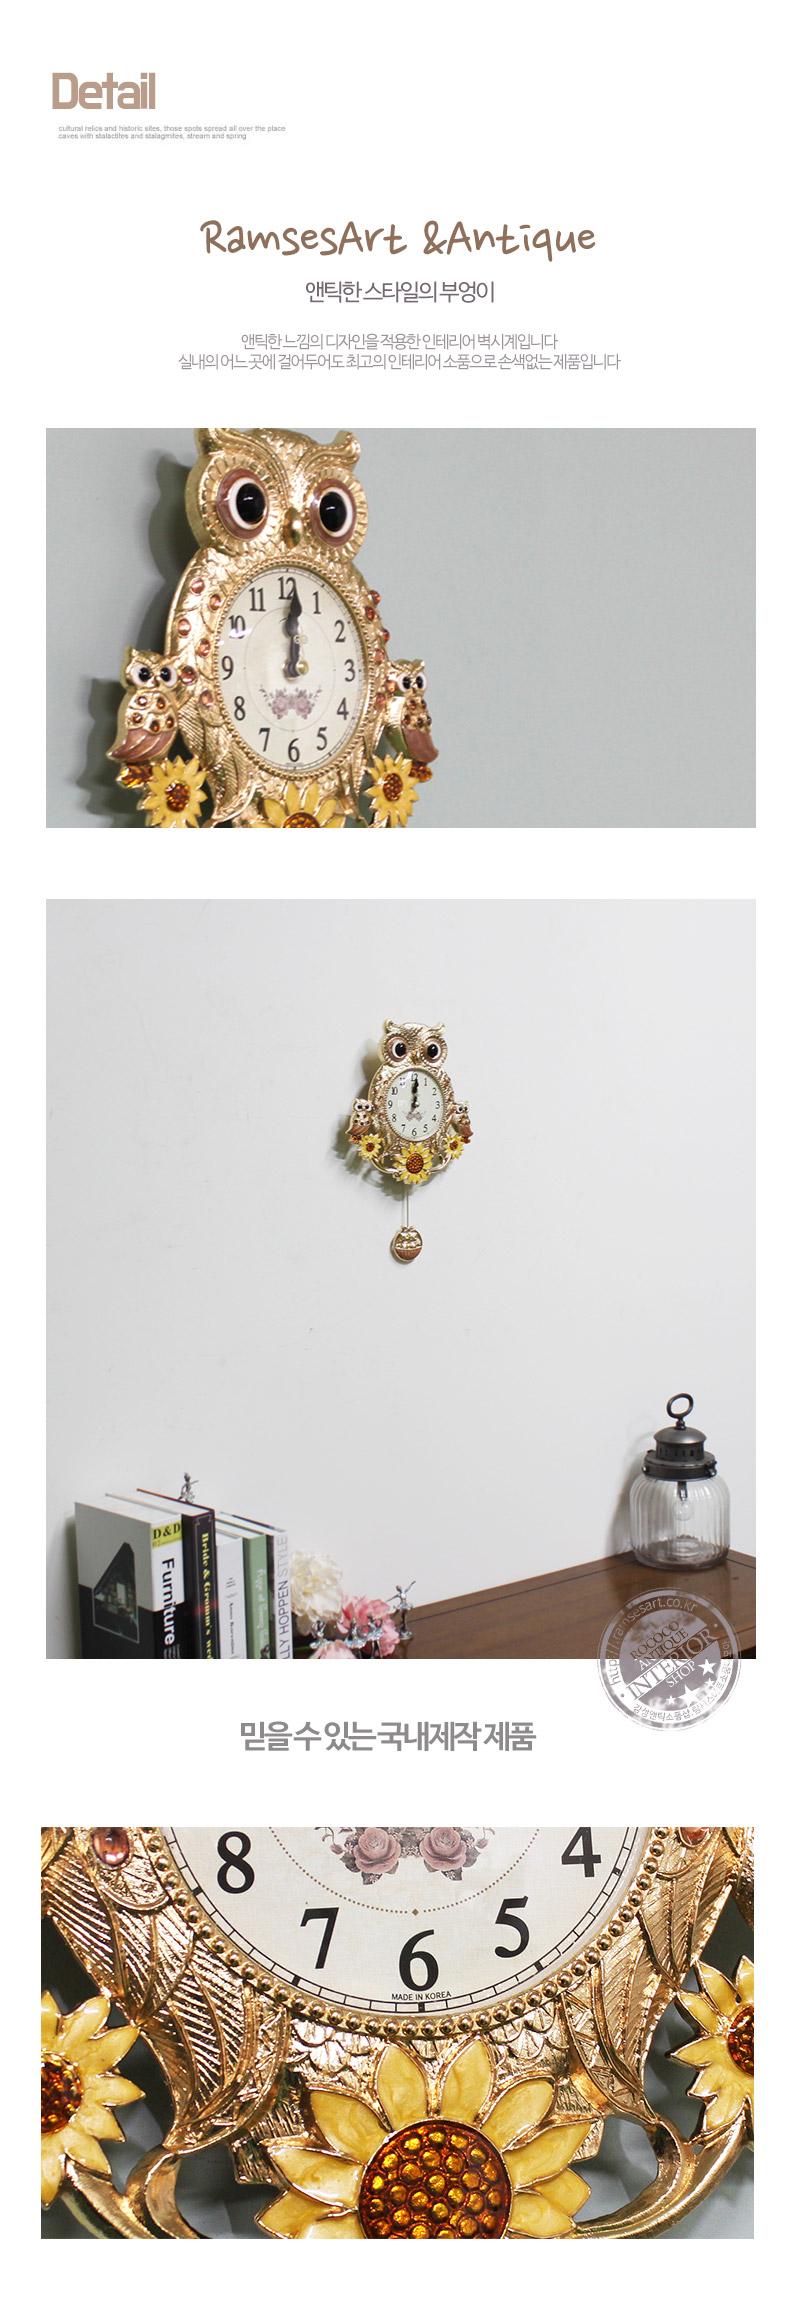 금도금 해바라기 부엉이시계-추 무소음 벽시계 엔틱 벽걸이 - 람세스아트, 85,000원, 벽시계, 무소음/저소음